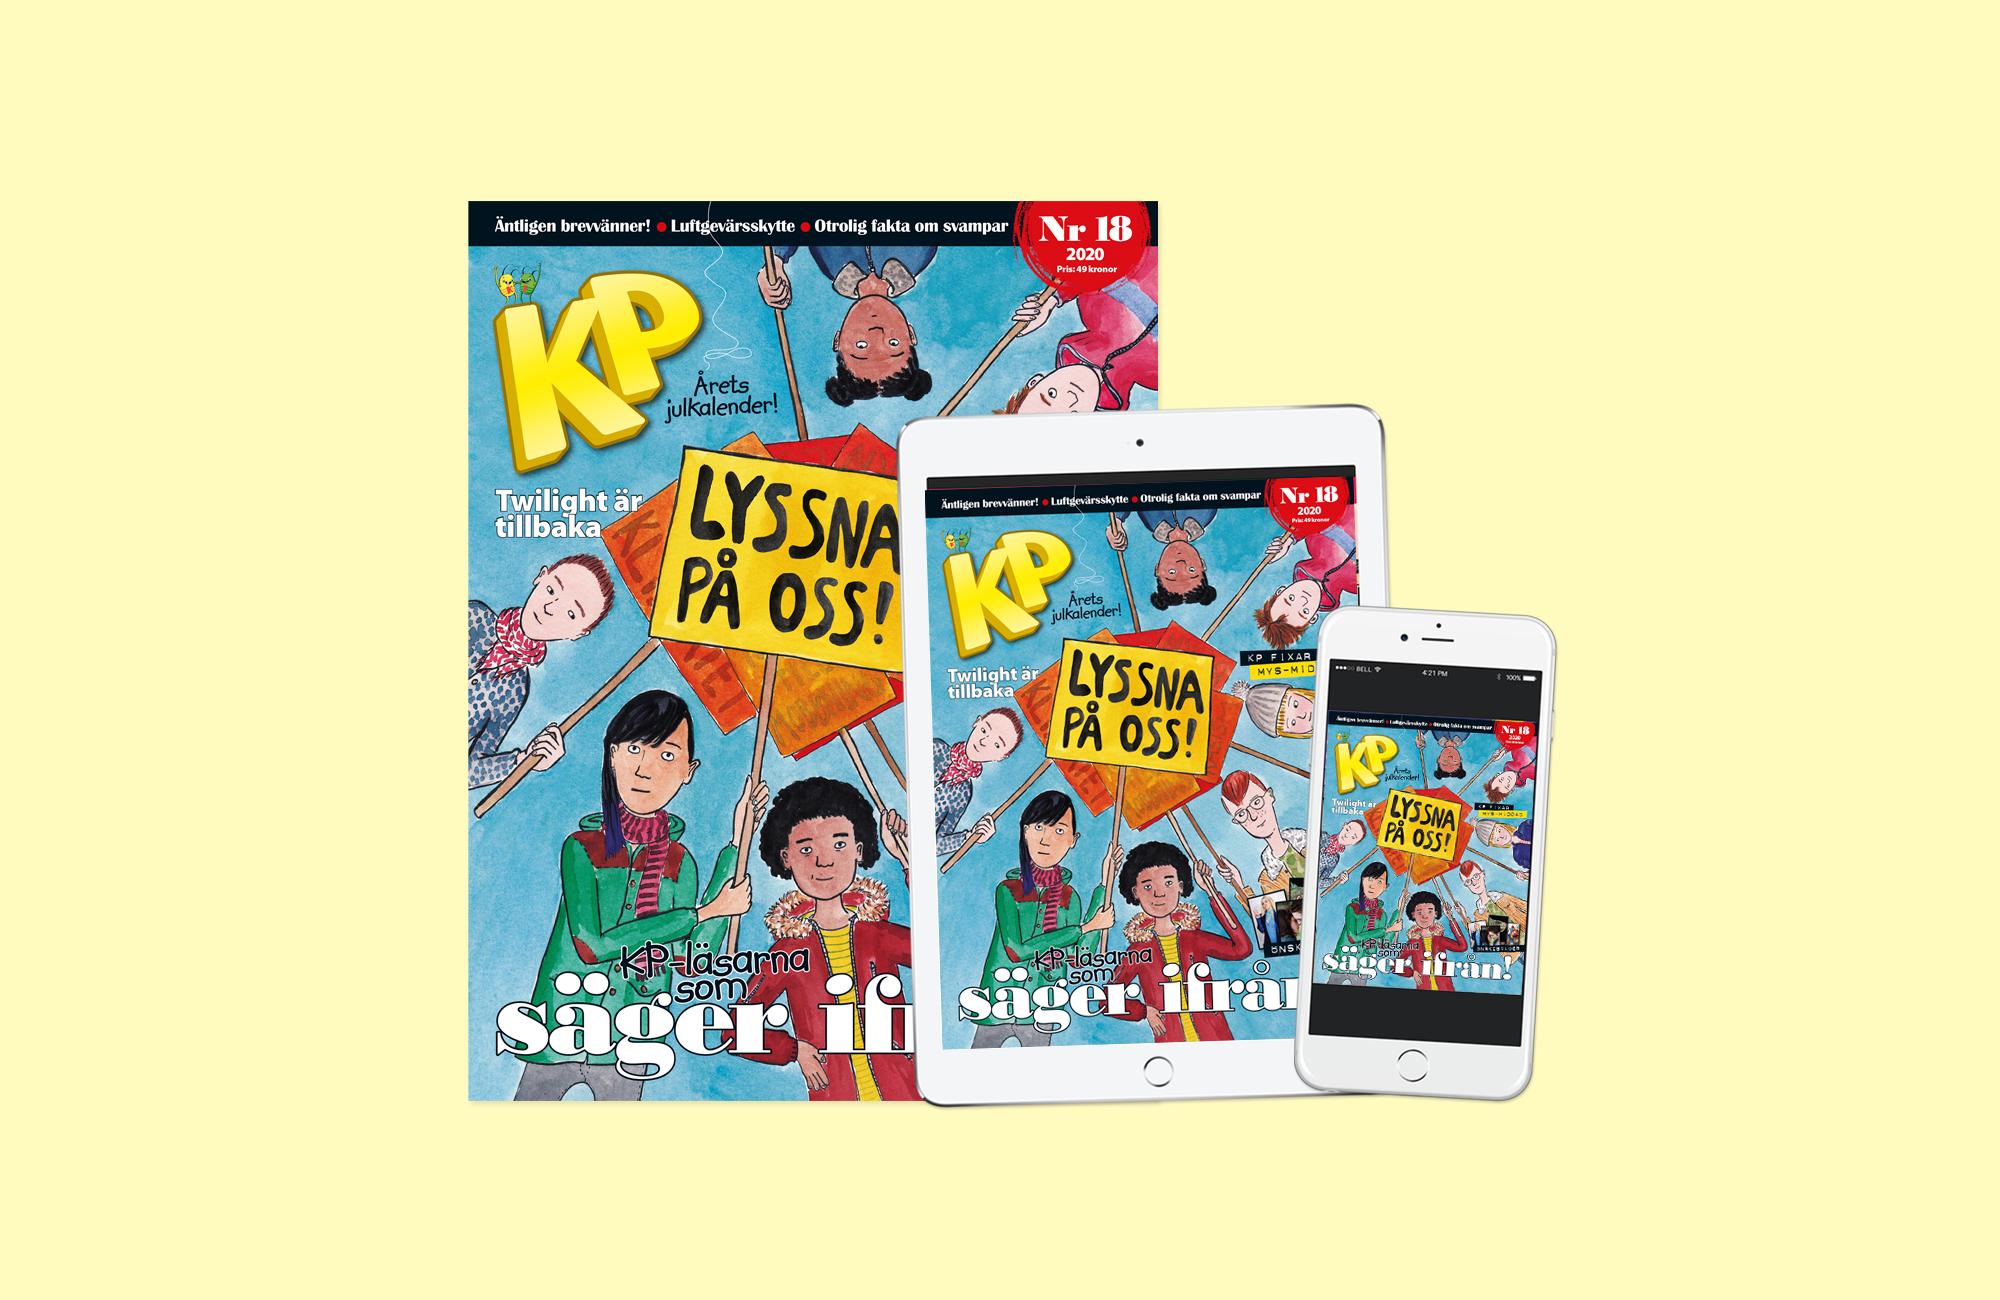 KP-18-i-app-tidning_mobil_2020